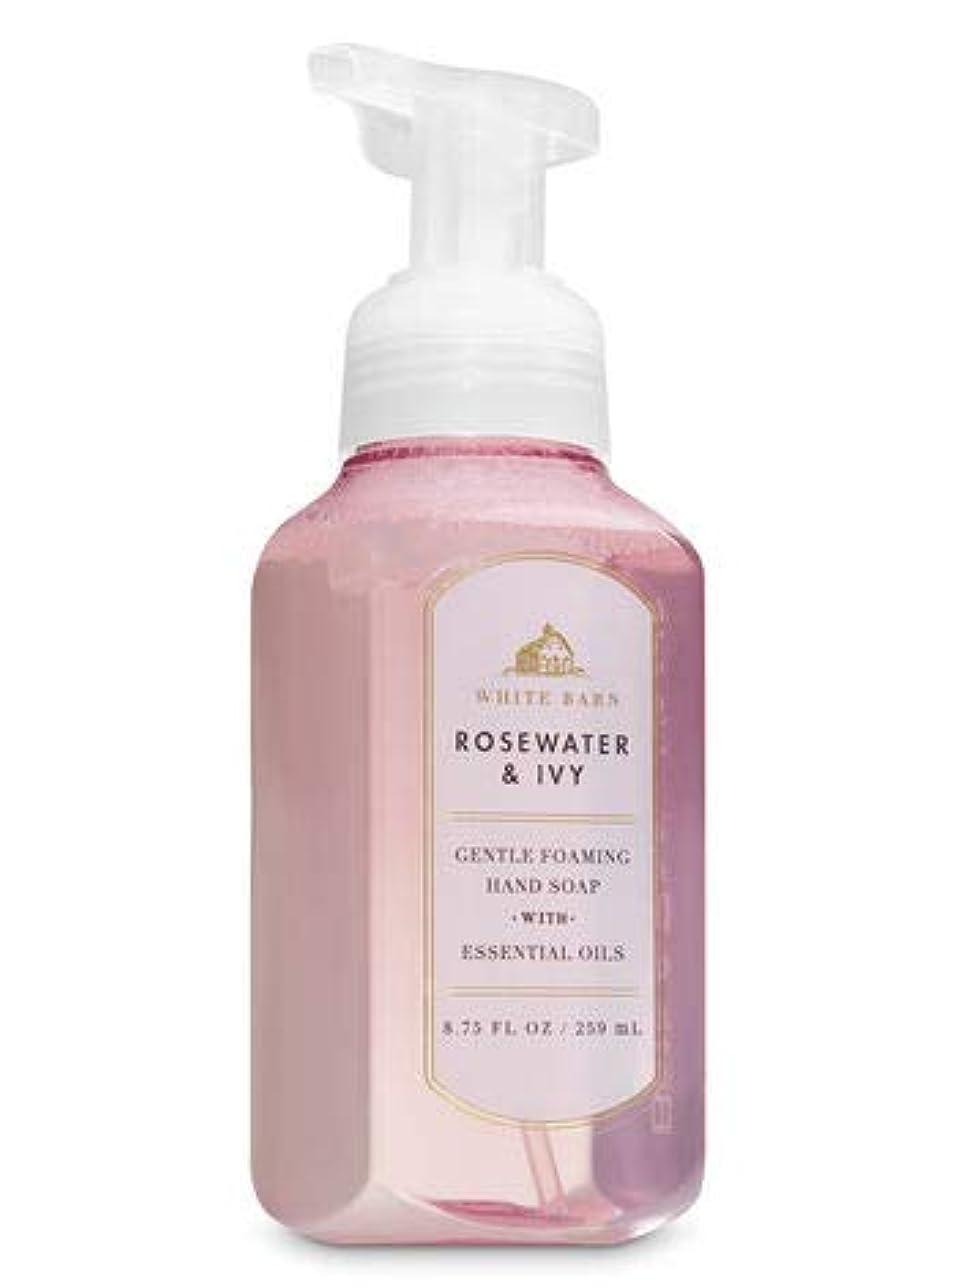 バス&ボディワークス ローズウォーター&アイビー ジェントル フォーミング ハンドソープ Rose Water & Ivy Gentle Foaming Hand Soap